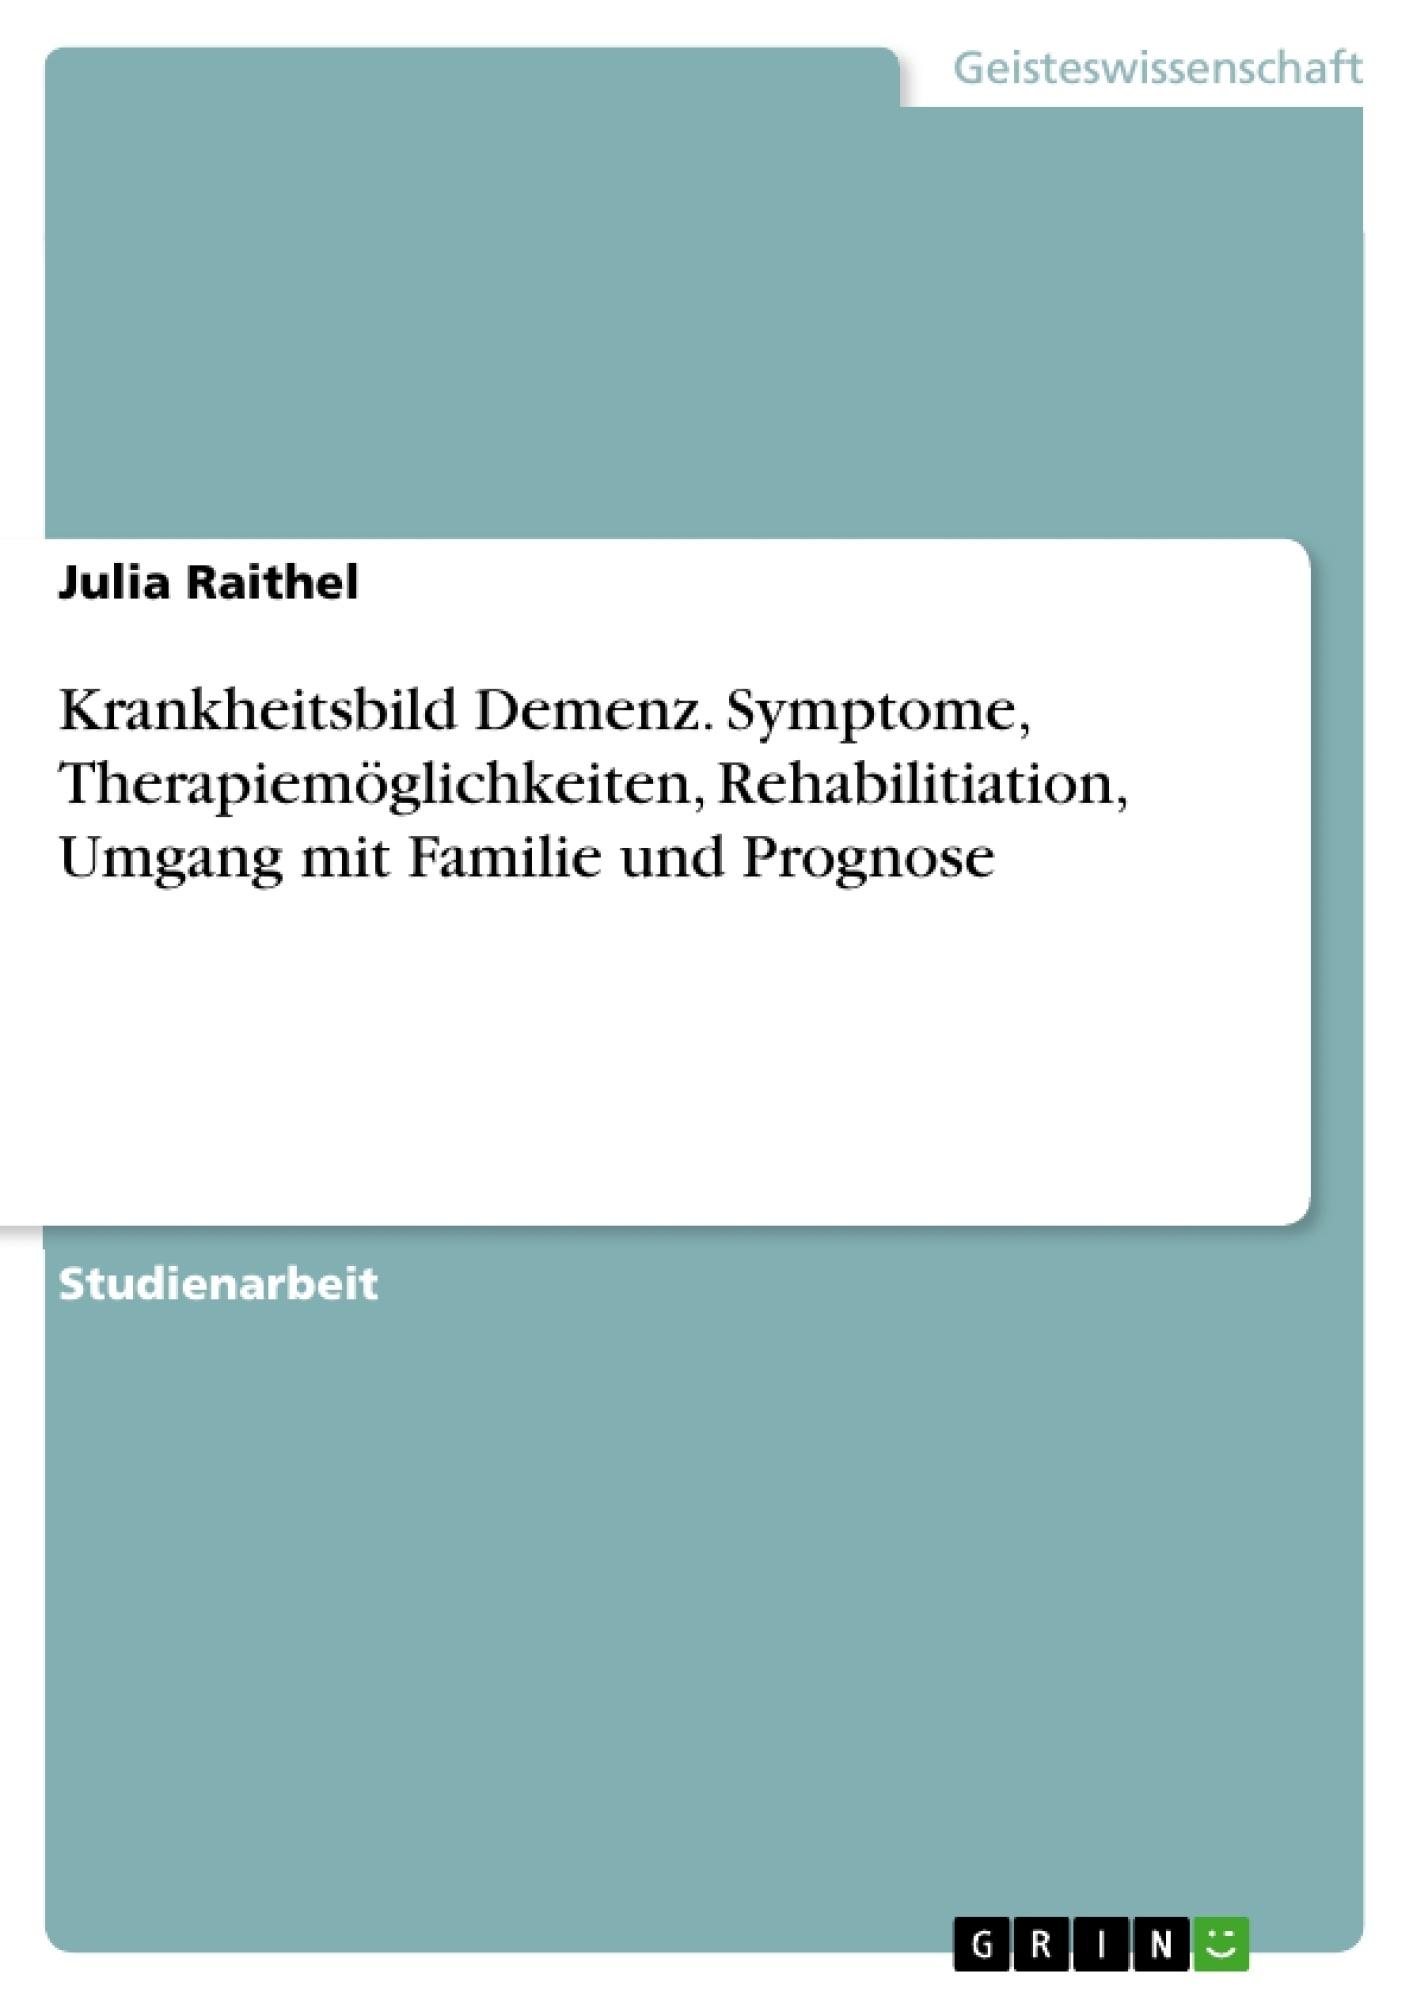 Titel: Krankheitsbild Demenz. Symptome, Therapiemöglichkeiten, Rehabilitiation, Umgang mit Familie und Prognose